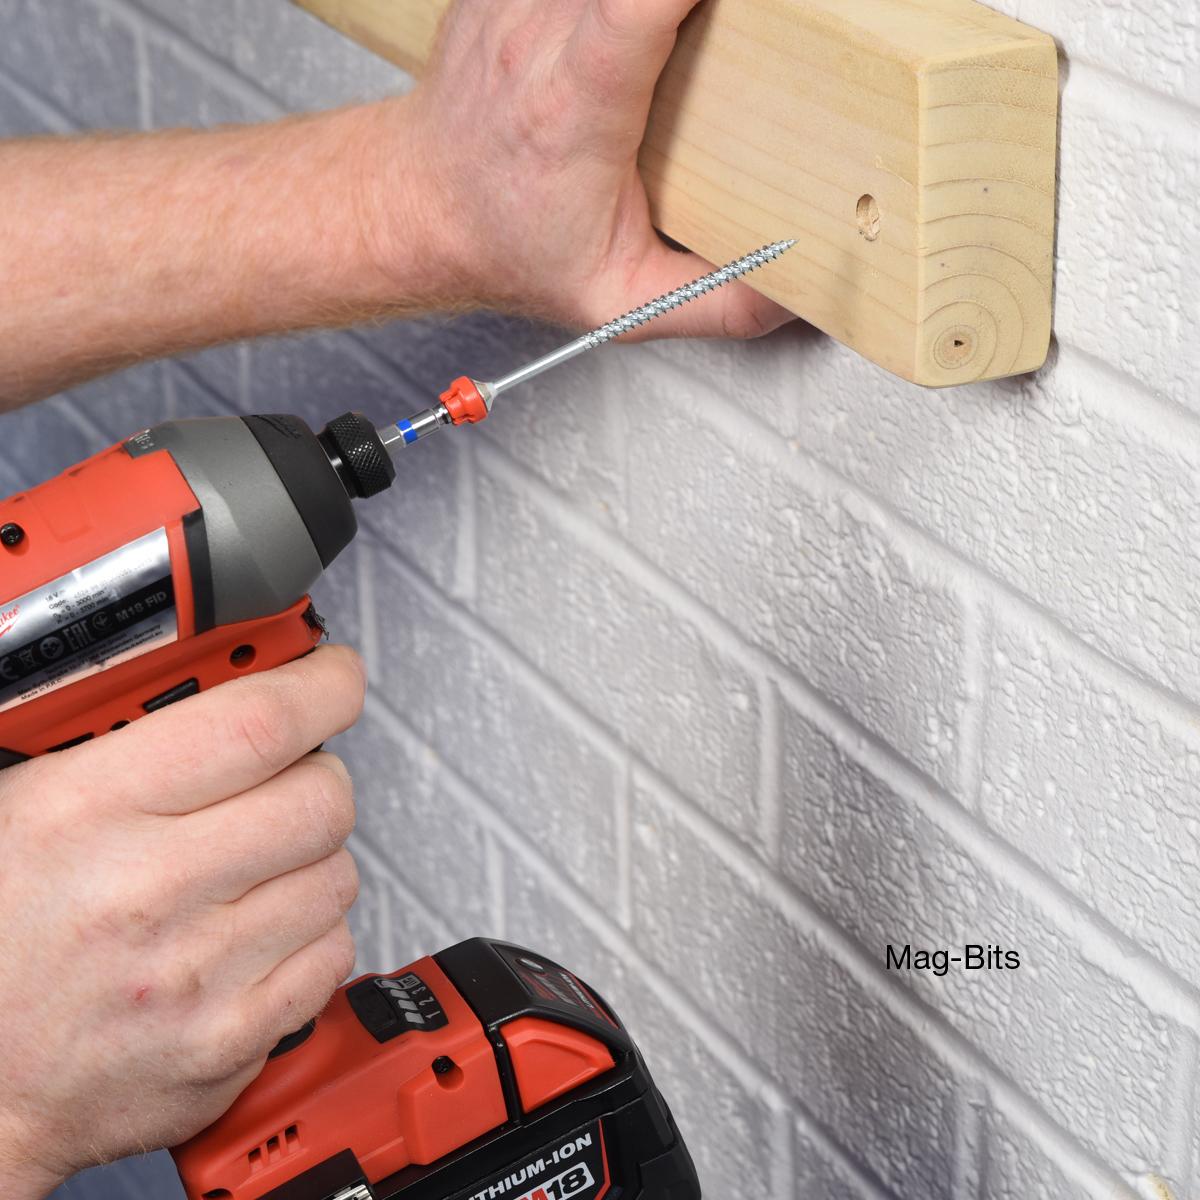 14 Piece Twister Drill-Drive Set